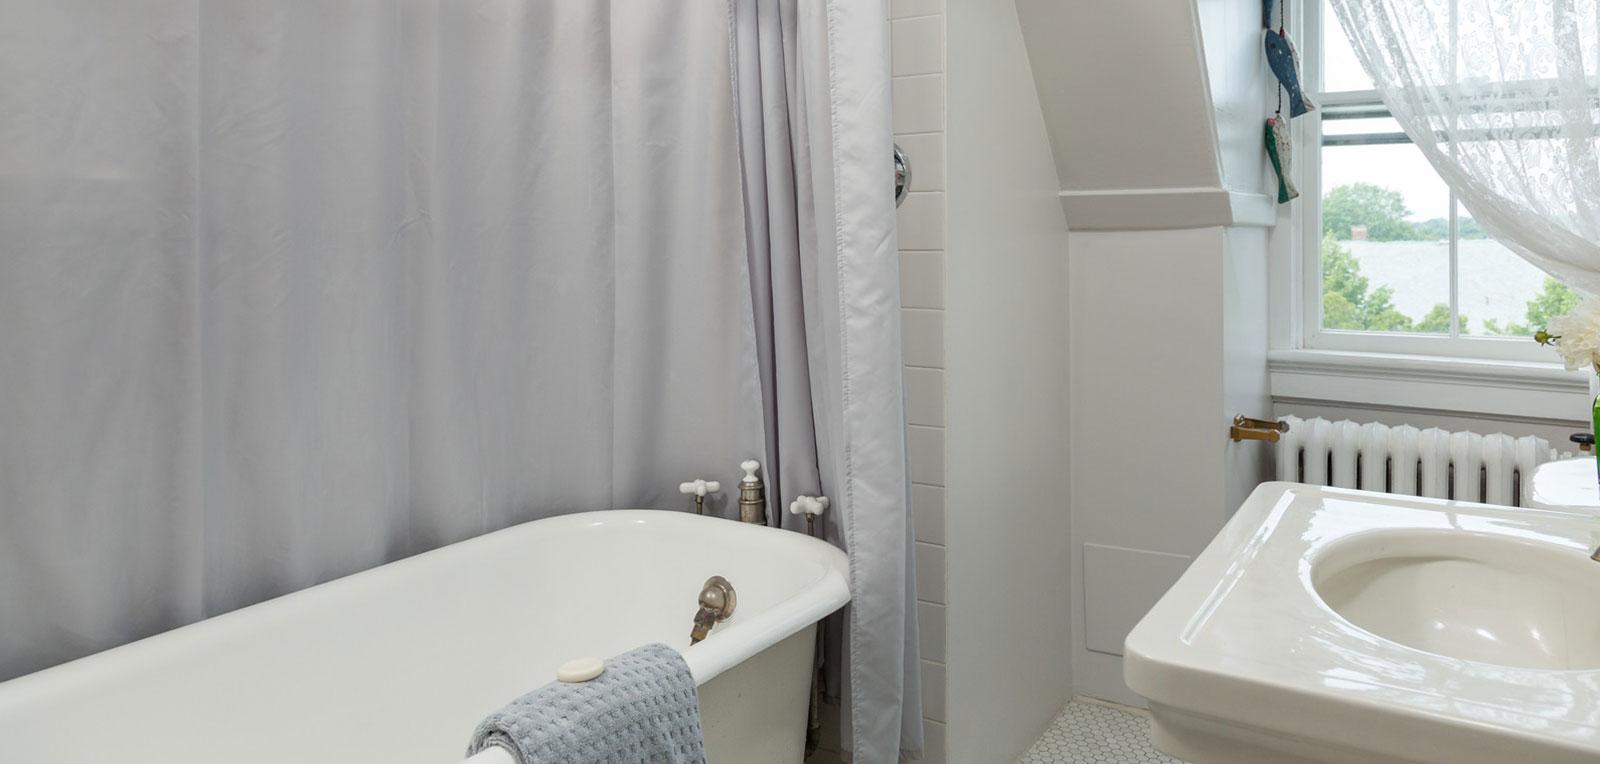 Admiral Sims' Suite Bathroom | ADMIRAL SIMS B&B, Newport Rhode Island